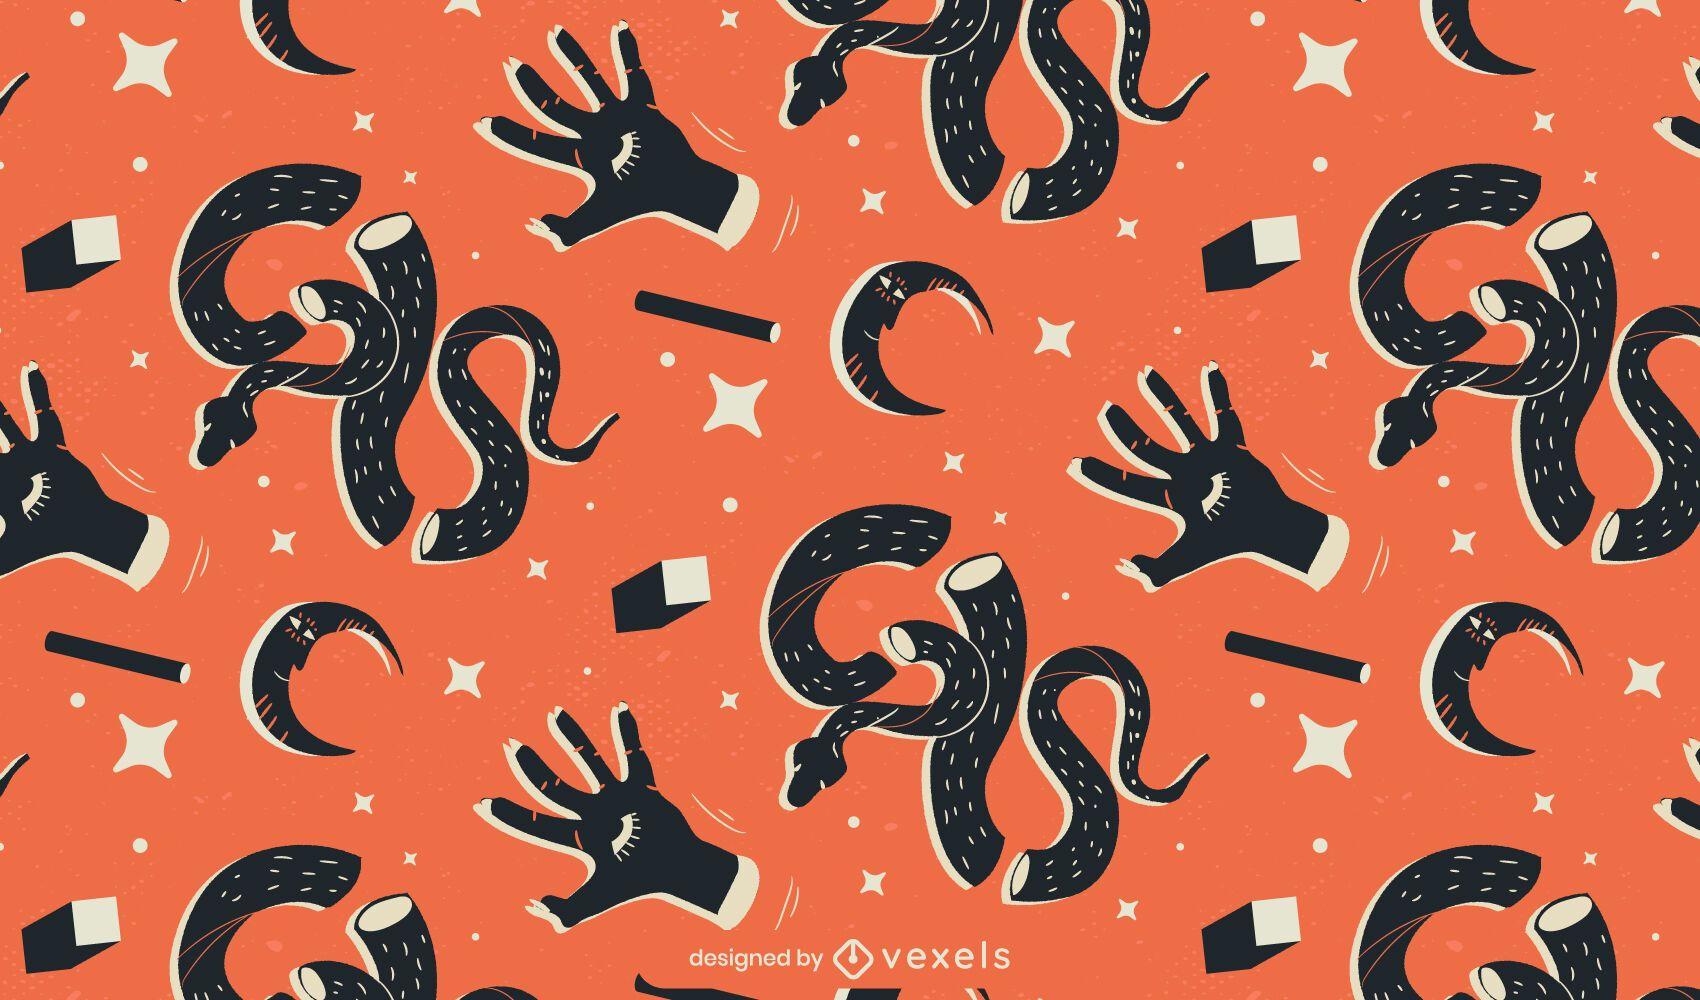 dise?o de patrones de serpientes y manos